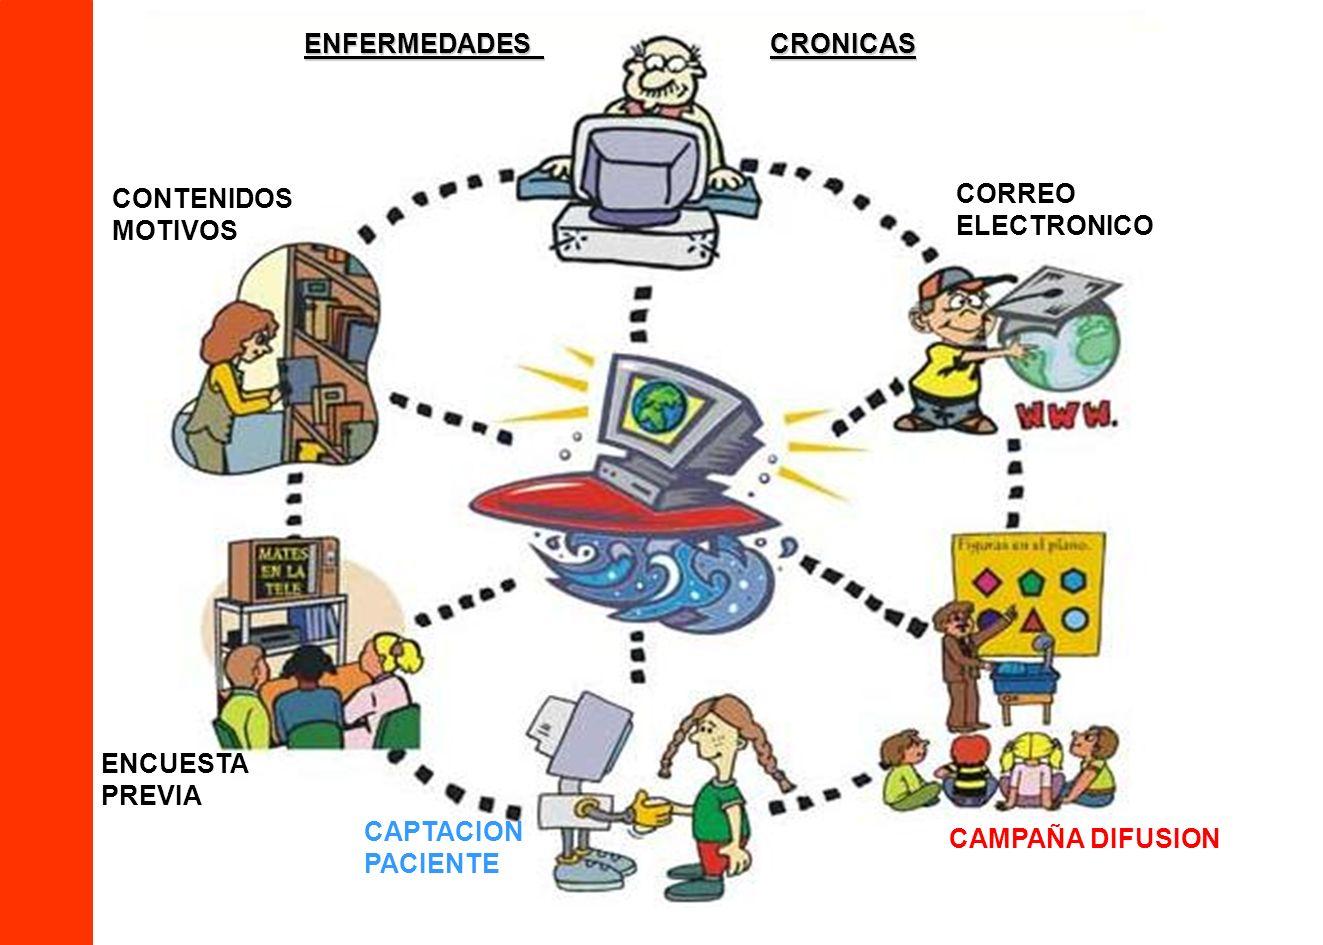 CAMPAÑA DIFUSION CAPTACION PACIENTE ENCUESTA PREVIA CORREO ELECTRONICO CONTENIDOS MOTIVOS ENFERMEDADES CRONICAS